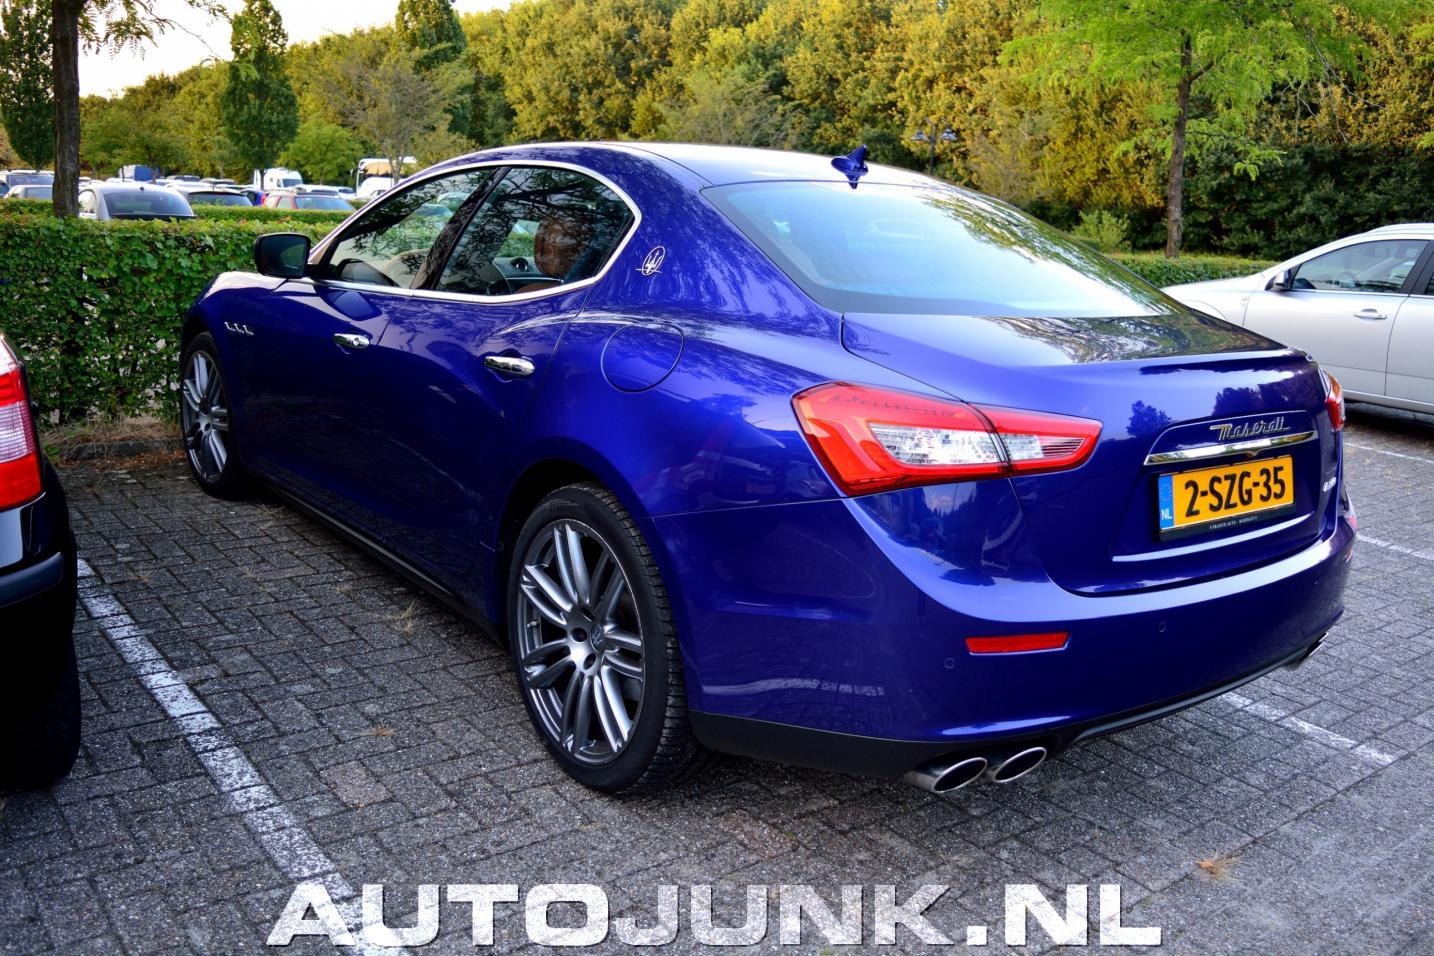 Maserati Ghibli Diesel 2013 foto's » Autojunk.nl (176628)